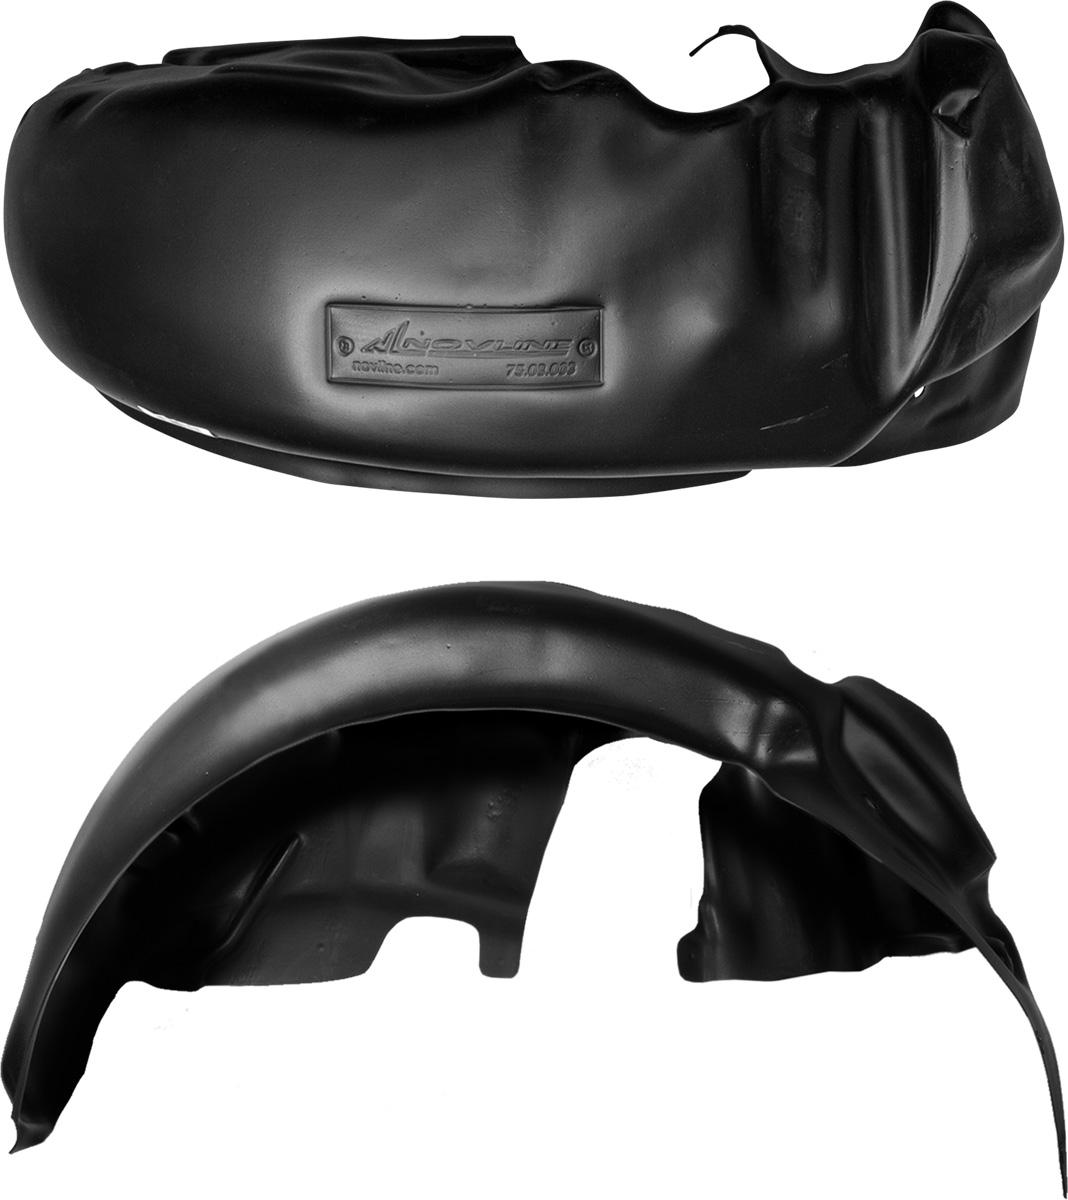 Подкрылок Novline-Autofamily, для Daewoo Nexia 1995-2007, 2007 -> (передний правый)2102Подкрылок выполнен из высококачественного, экологически чистого пластика. Обеспечивает надежную защиту кузова автомобиля от пескоструйного эффекта и негативного влияния, агрессивных антигололедных реагентов. Пластик обладает более низкой теплопроводностью, чем металл, поэтому в зимний период эксплуатации использование пластиковых подкрылков позволяет лучше защитить колесные ниши от налипания снега и образования наледи. Оригинальность конструкции подчеркивает элегантность автомобиля, бережно защищает нанесенное на днище кузова антикоррозийное покрытие и позволяет осуществить крепление подкрылка внутри колесной арки практически без дополнительного крепежа и сверления, не нарушая при этом лакокрасочного покрытия, что предотвращает возникновение новых очагов коррозии. Технология крепления подкрылка на иномарки принципиально отличается от крепления на российские автомобили и разрабатывается индивидуально для каждой модели автомобиля. Подкрылок долговечен, обладает высокой прочностью и...